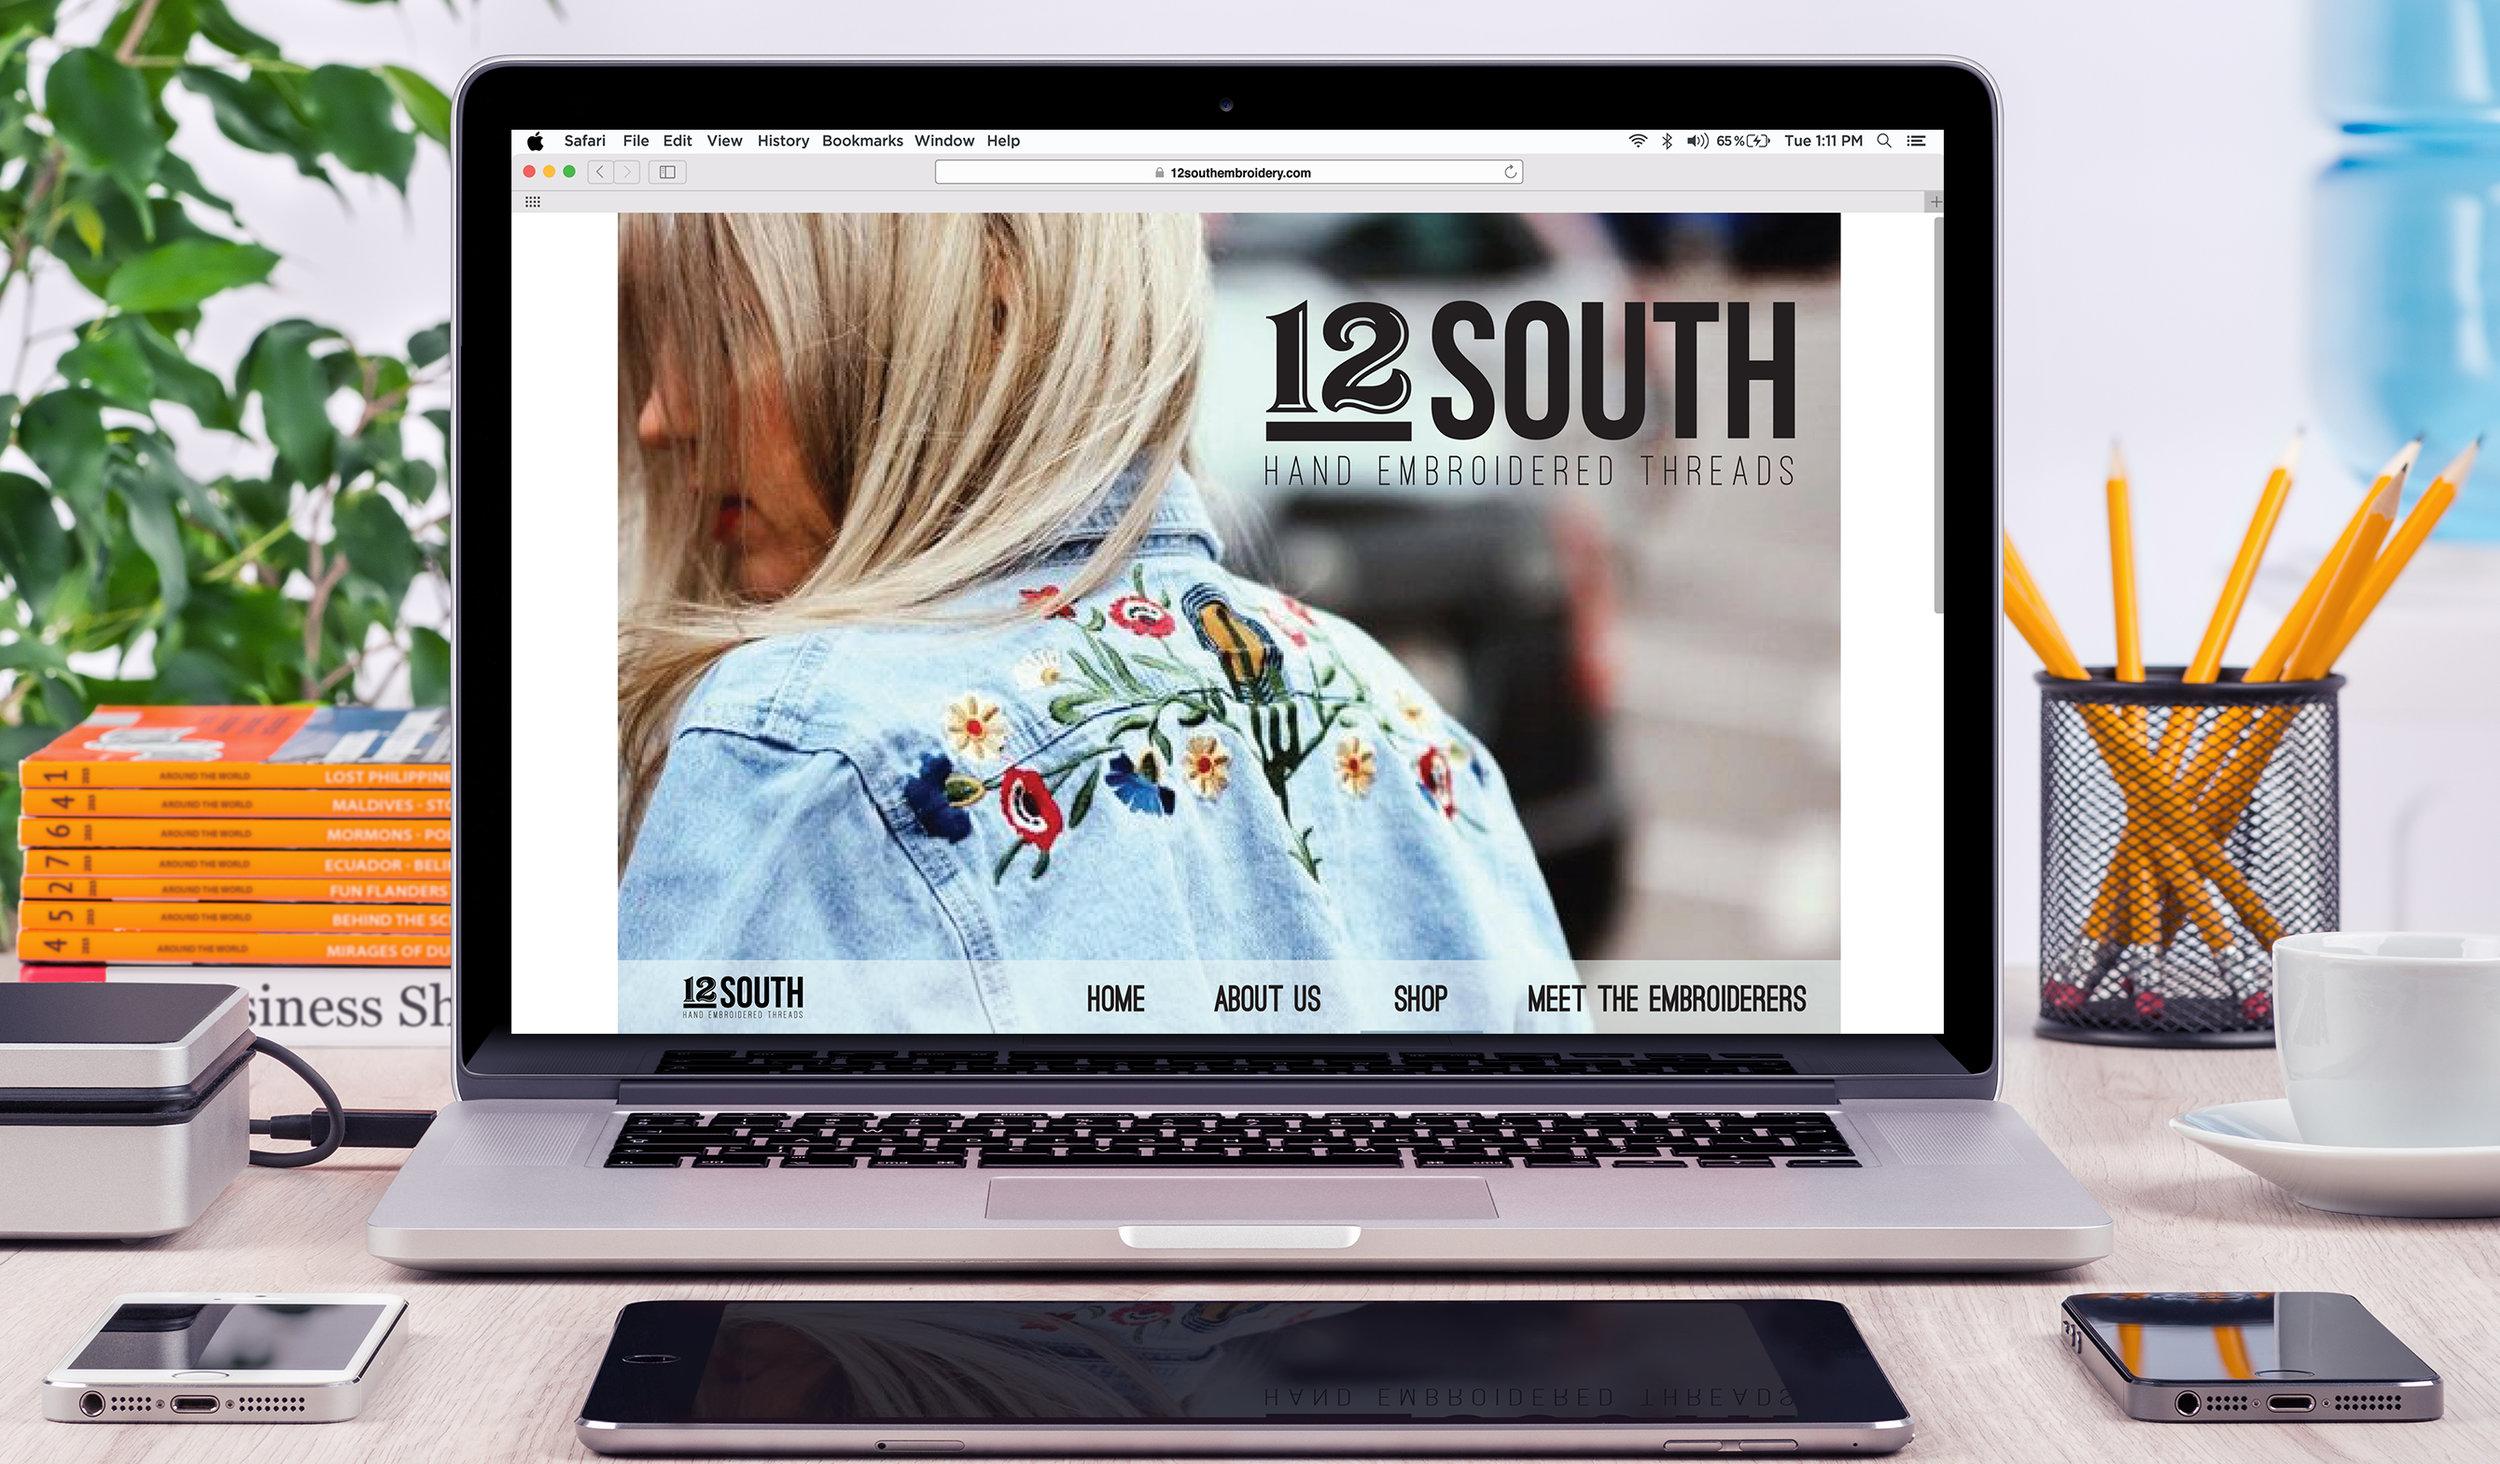 12south macbook mockup2.jpg